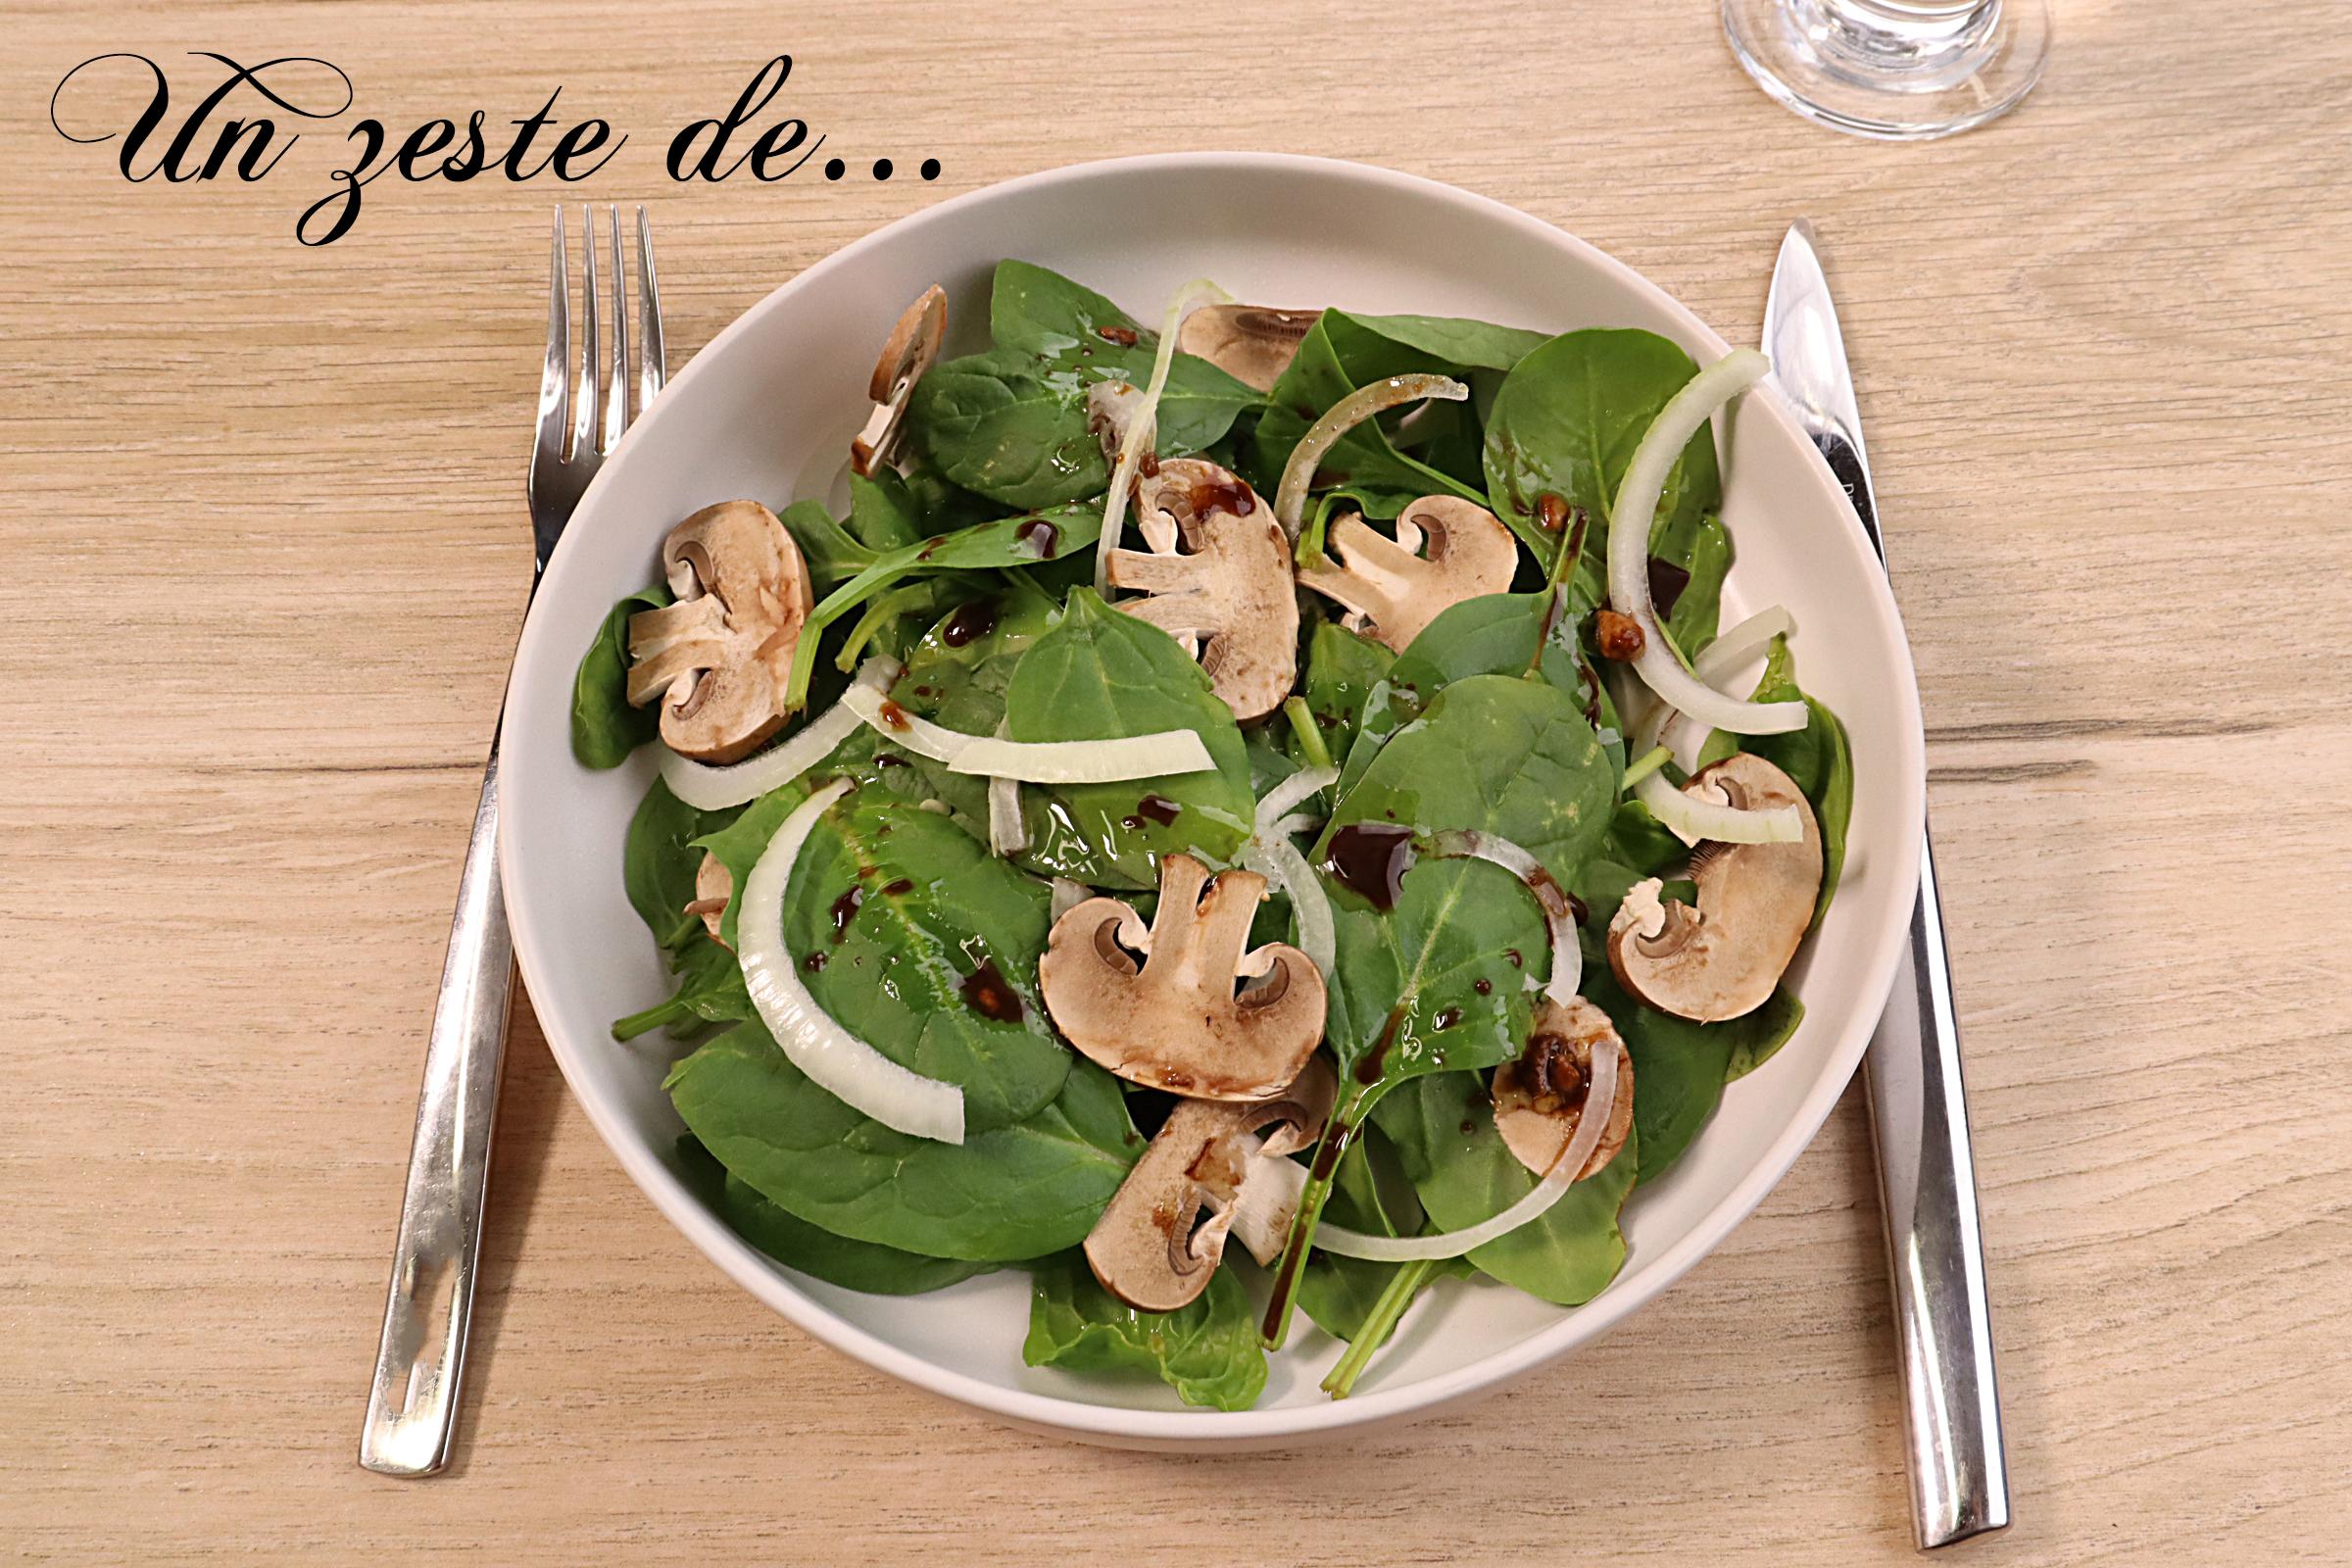 Salade d'épinards et champignons, sauce aux agrumes